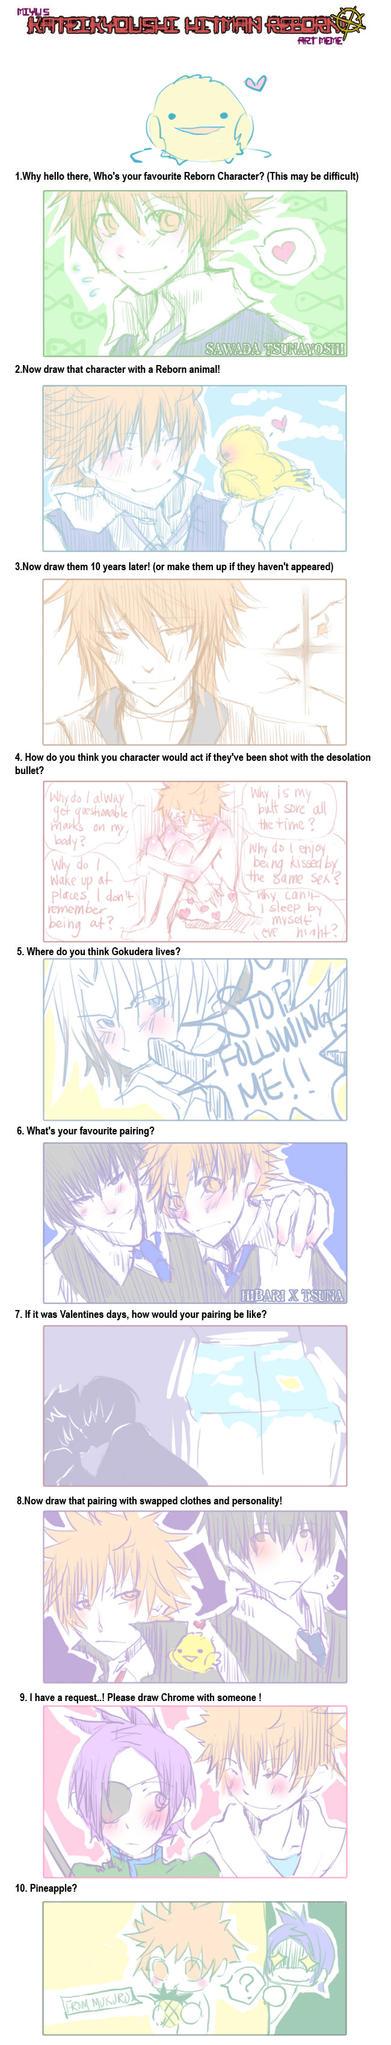 Miyukiko's Reborn Meme by akiaki-chan